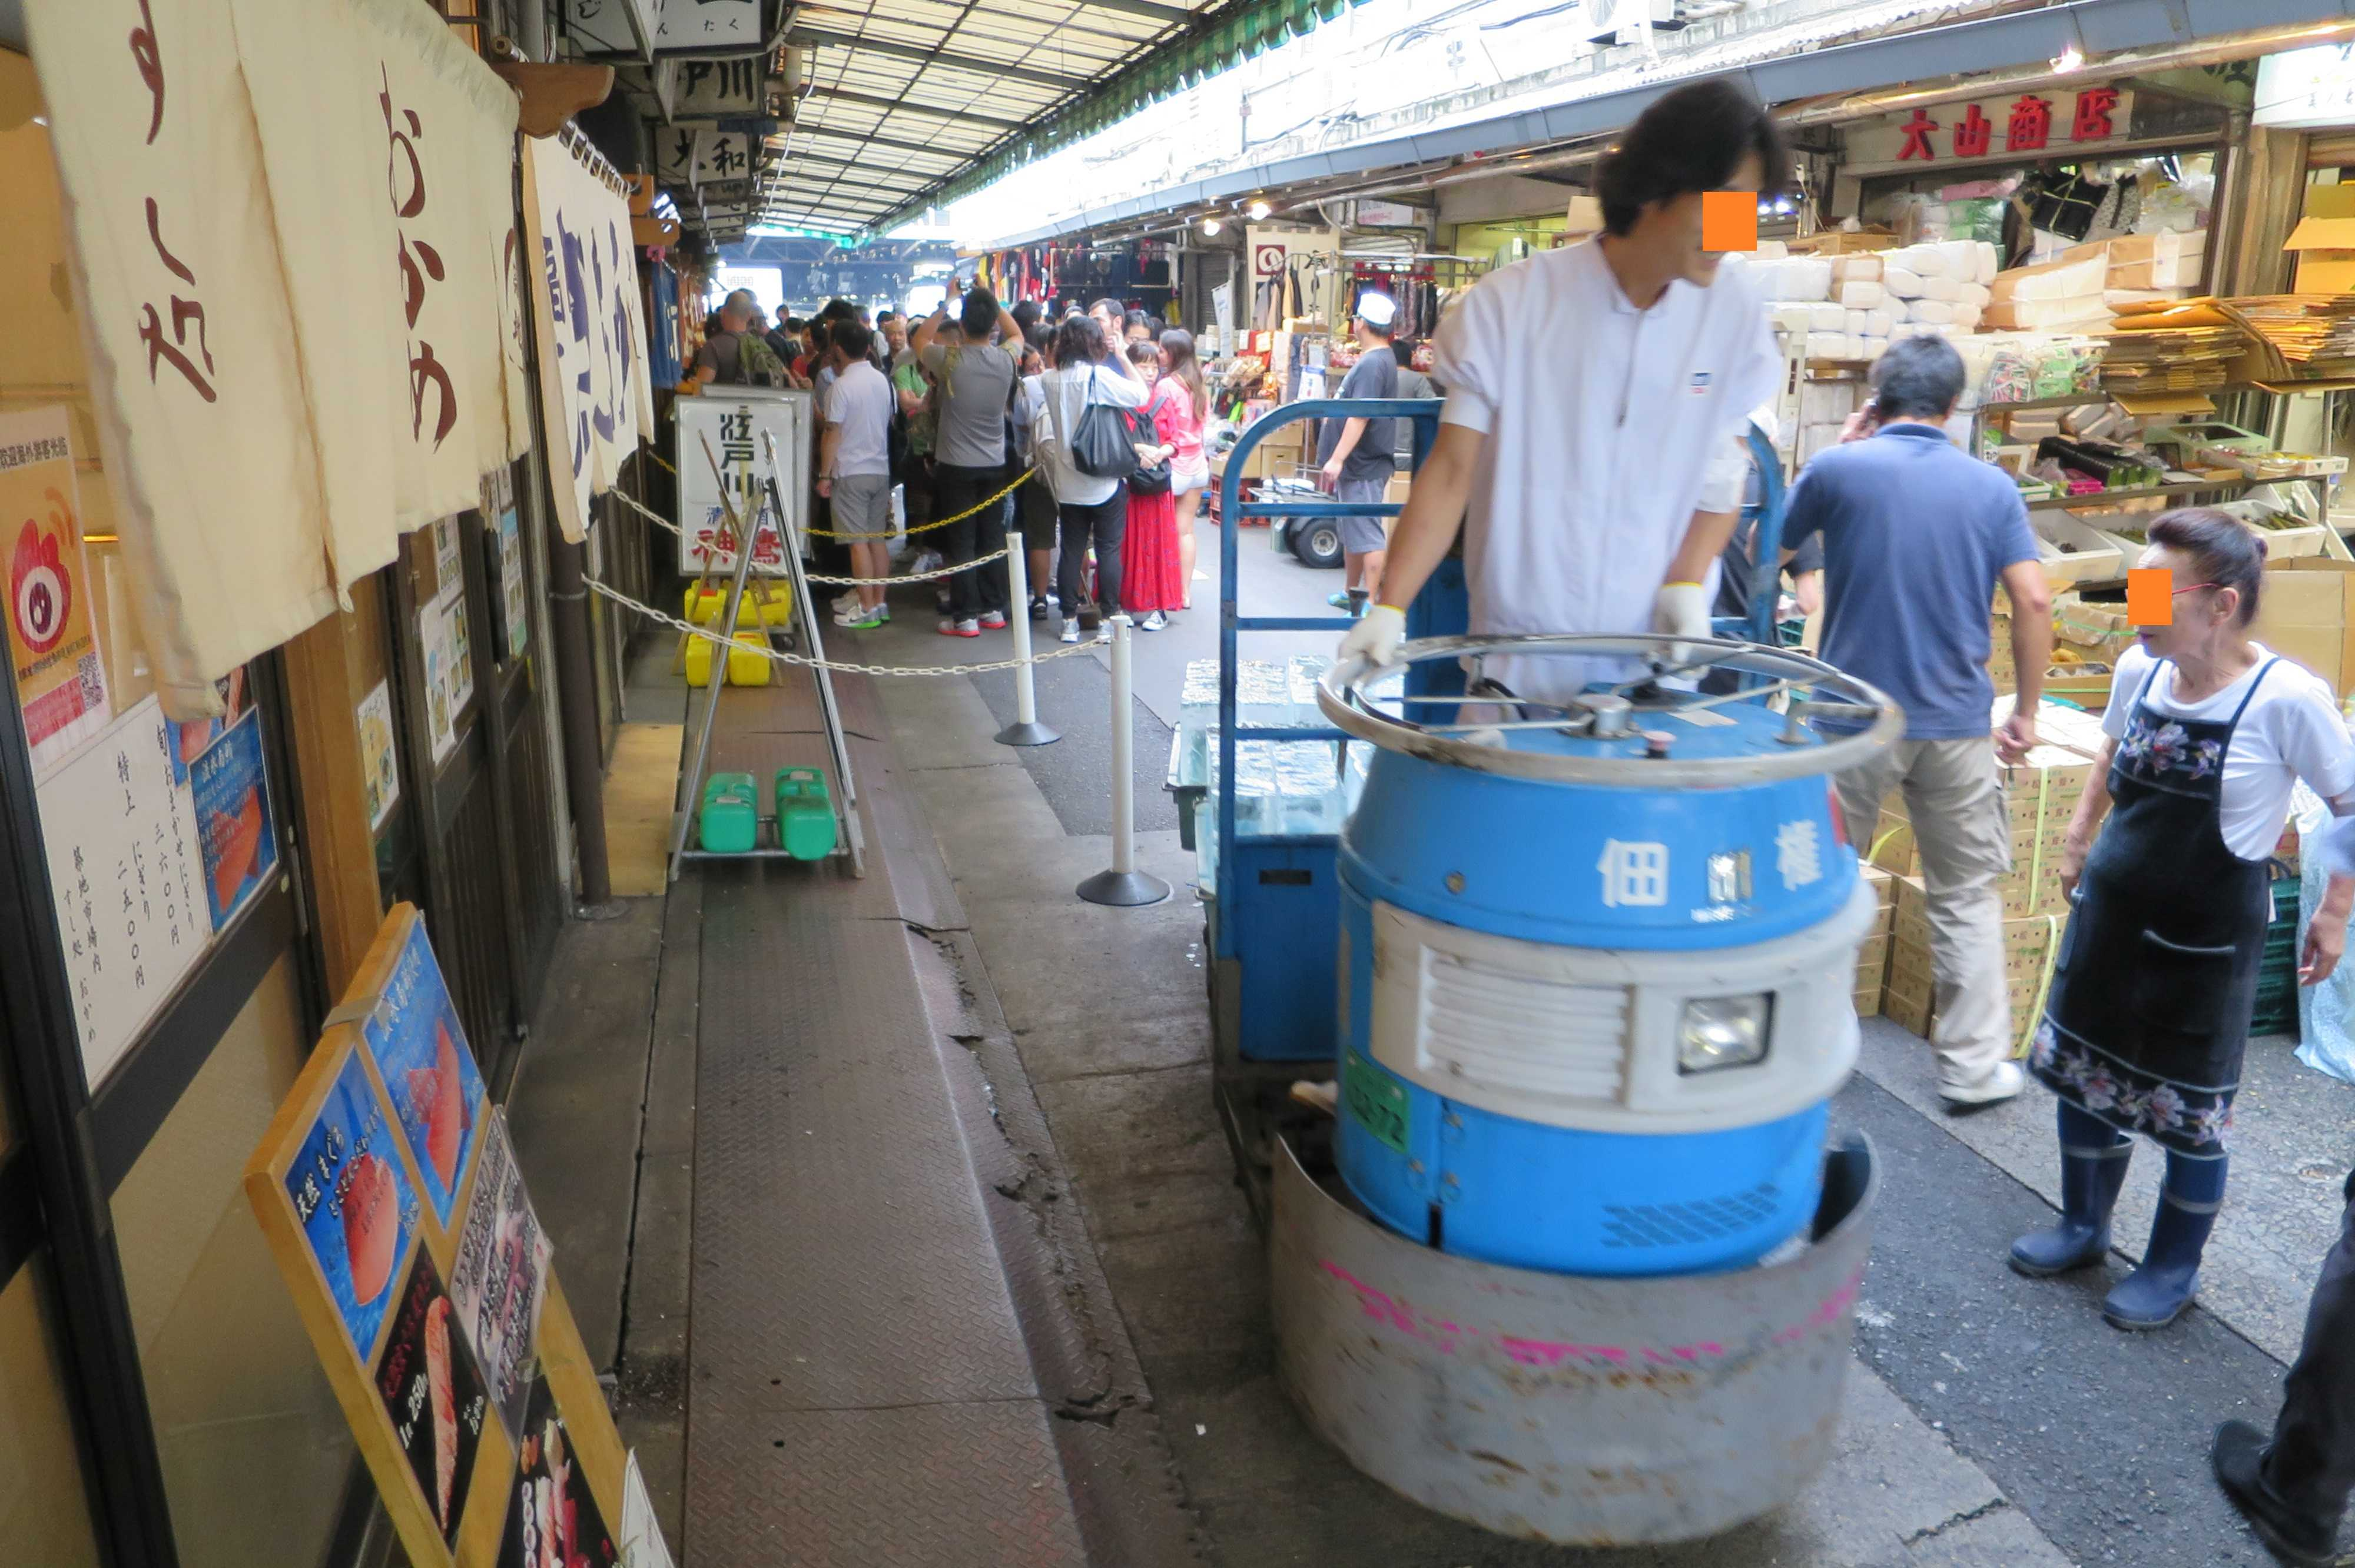 築地市場(場内) - ターレに乗る業者さんと大行列で寿司を待つ外国人観光客